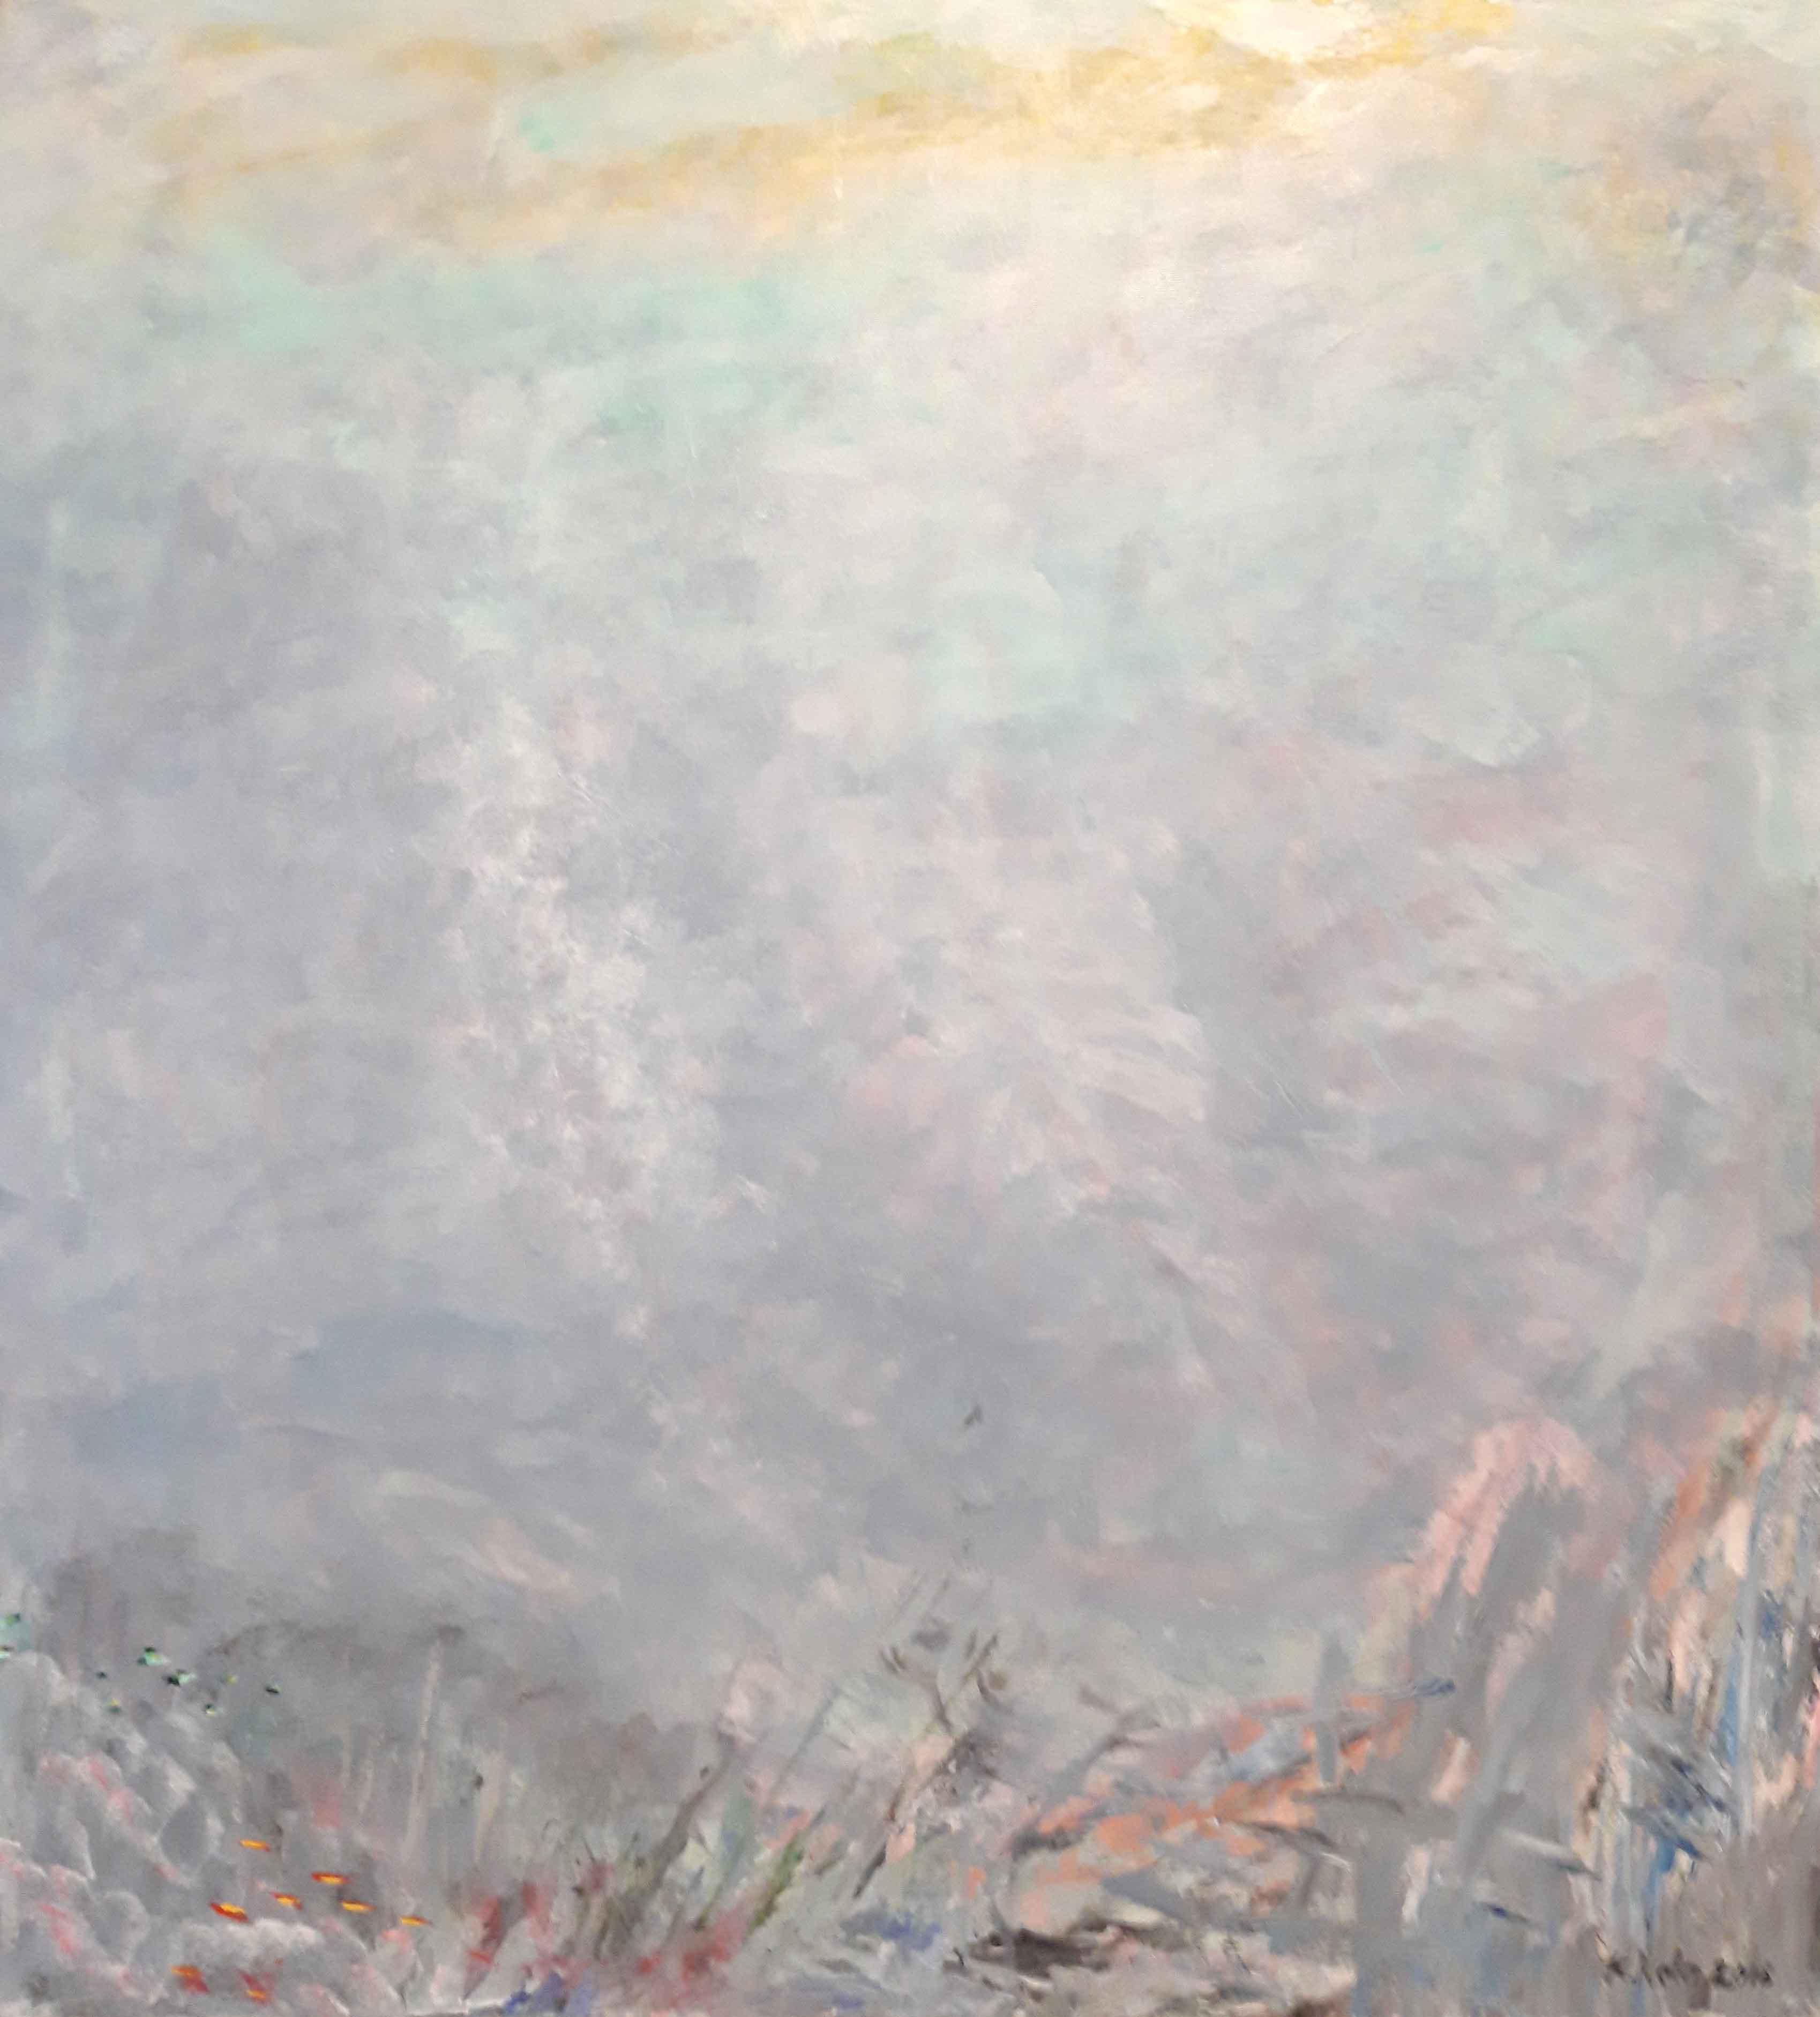 Syvällä Akryyli 2018 91 x 82 cm